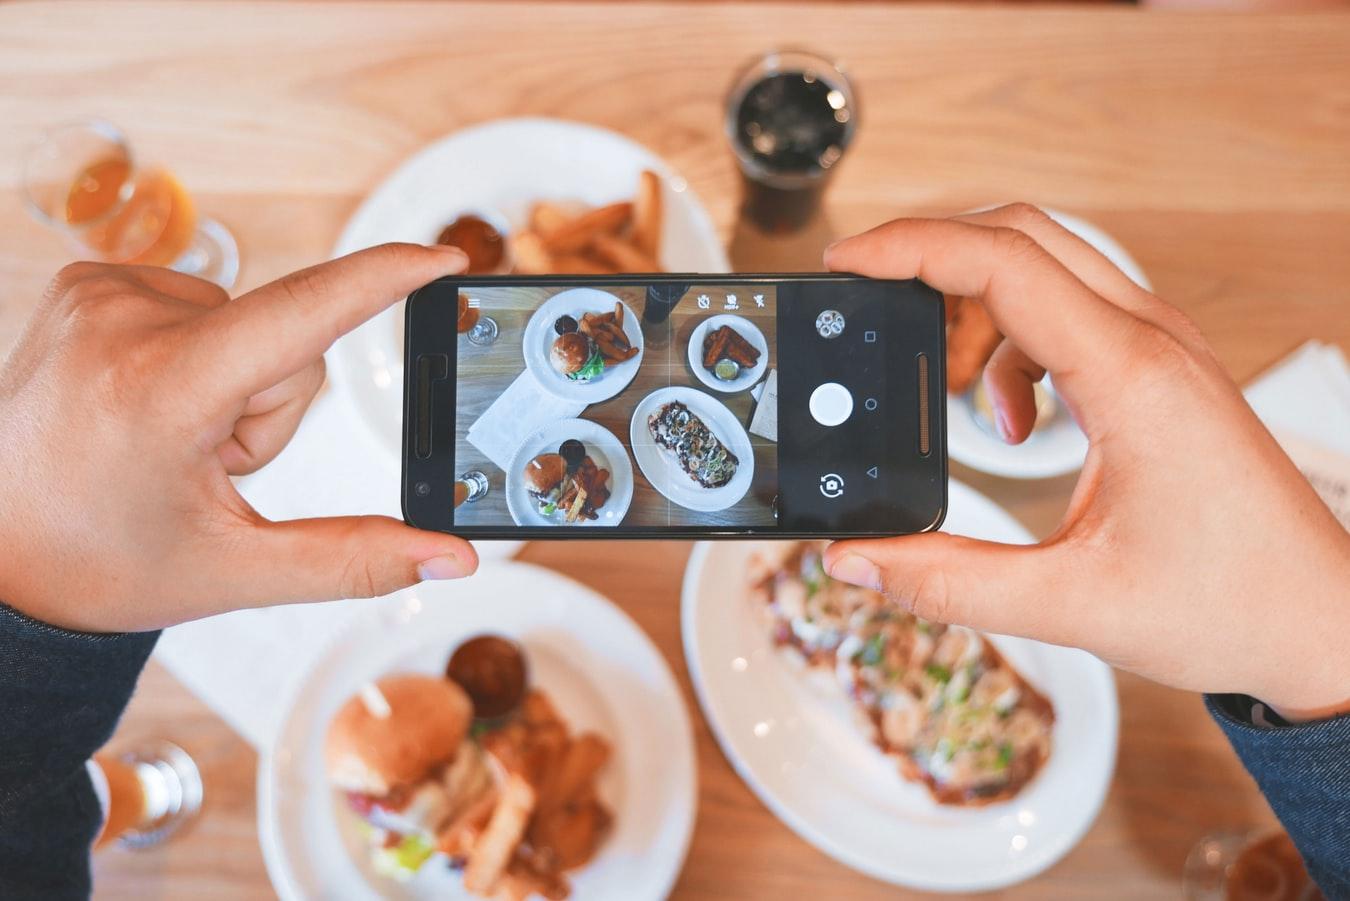 Un influenceur prenant la photo d'un repas pour la publier sur Instagram